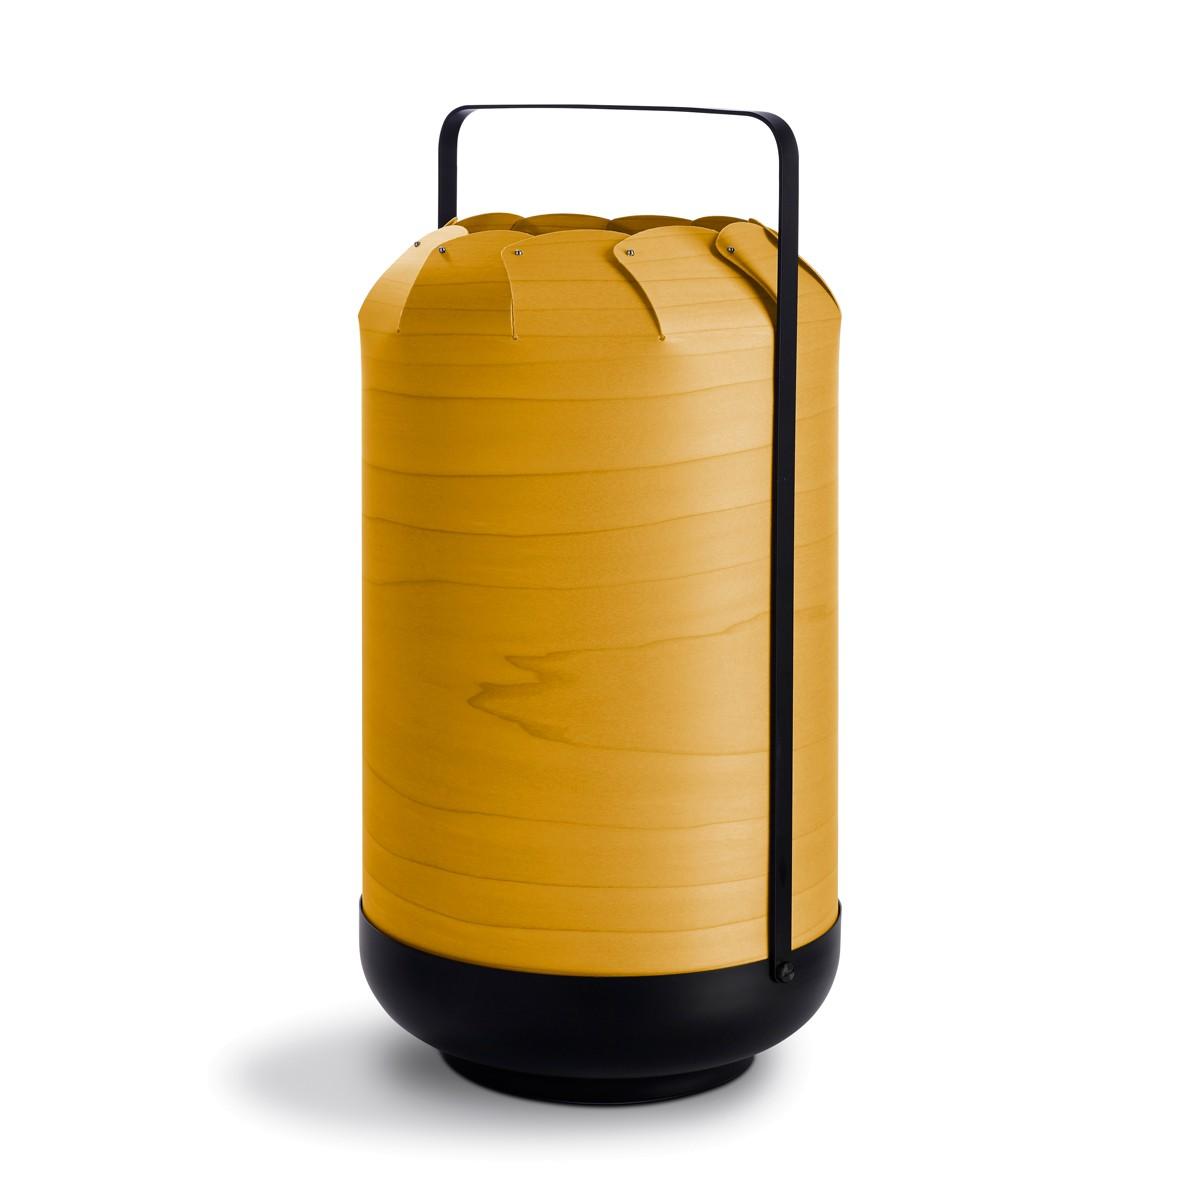 LZF Lamps Chou Tall Medium Tischleuchte, gelb